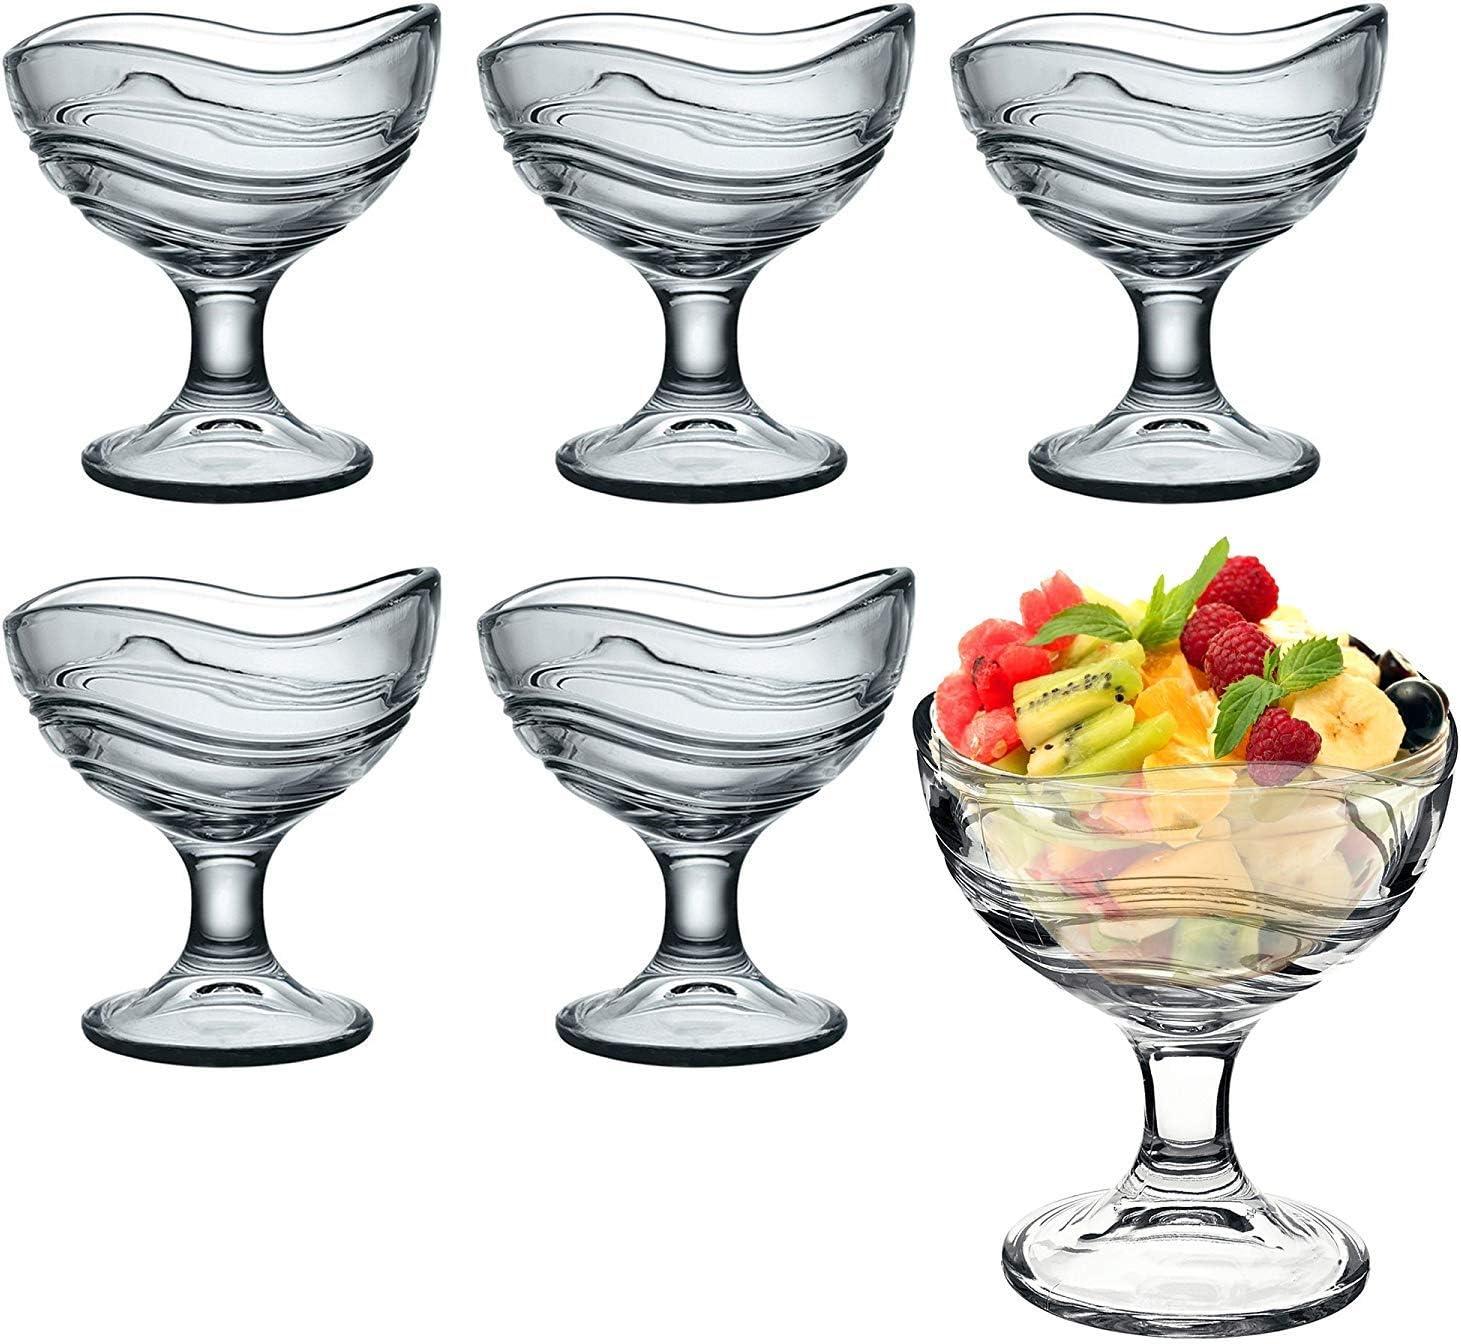 6 Stück Glas Eisbecher Dessert Eisschalen  Eisgläser Glasschale Eis Schalen